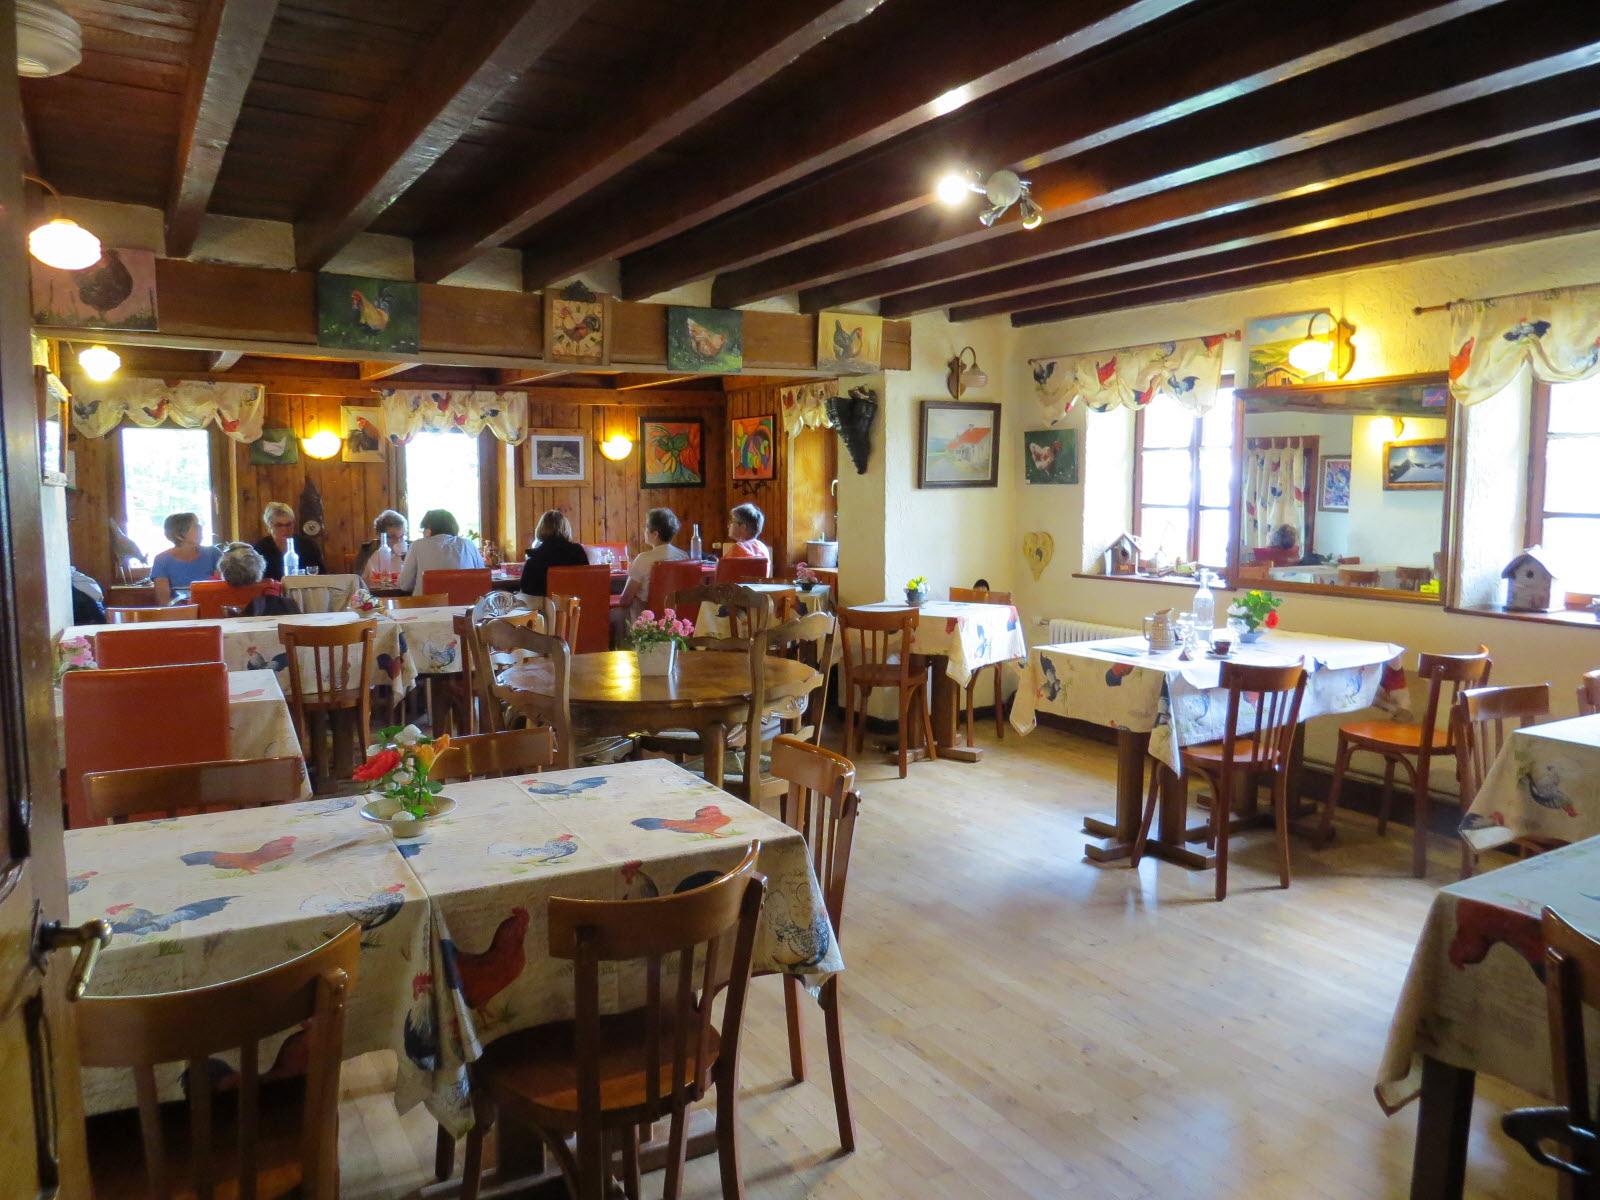 la-ferme-saint-vallier-du-girmont-val-d-ajol-en-images-1470862123_3